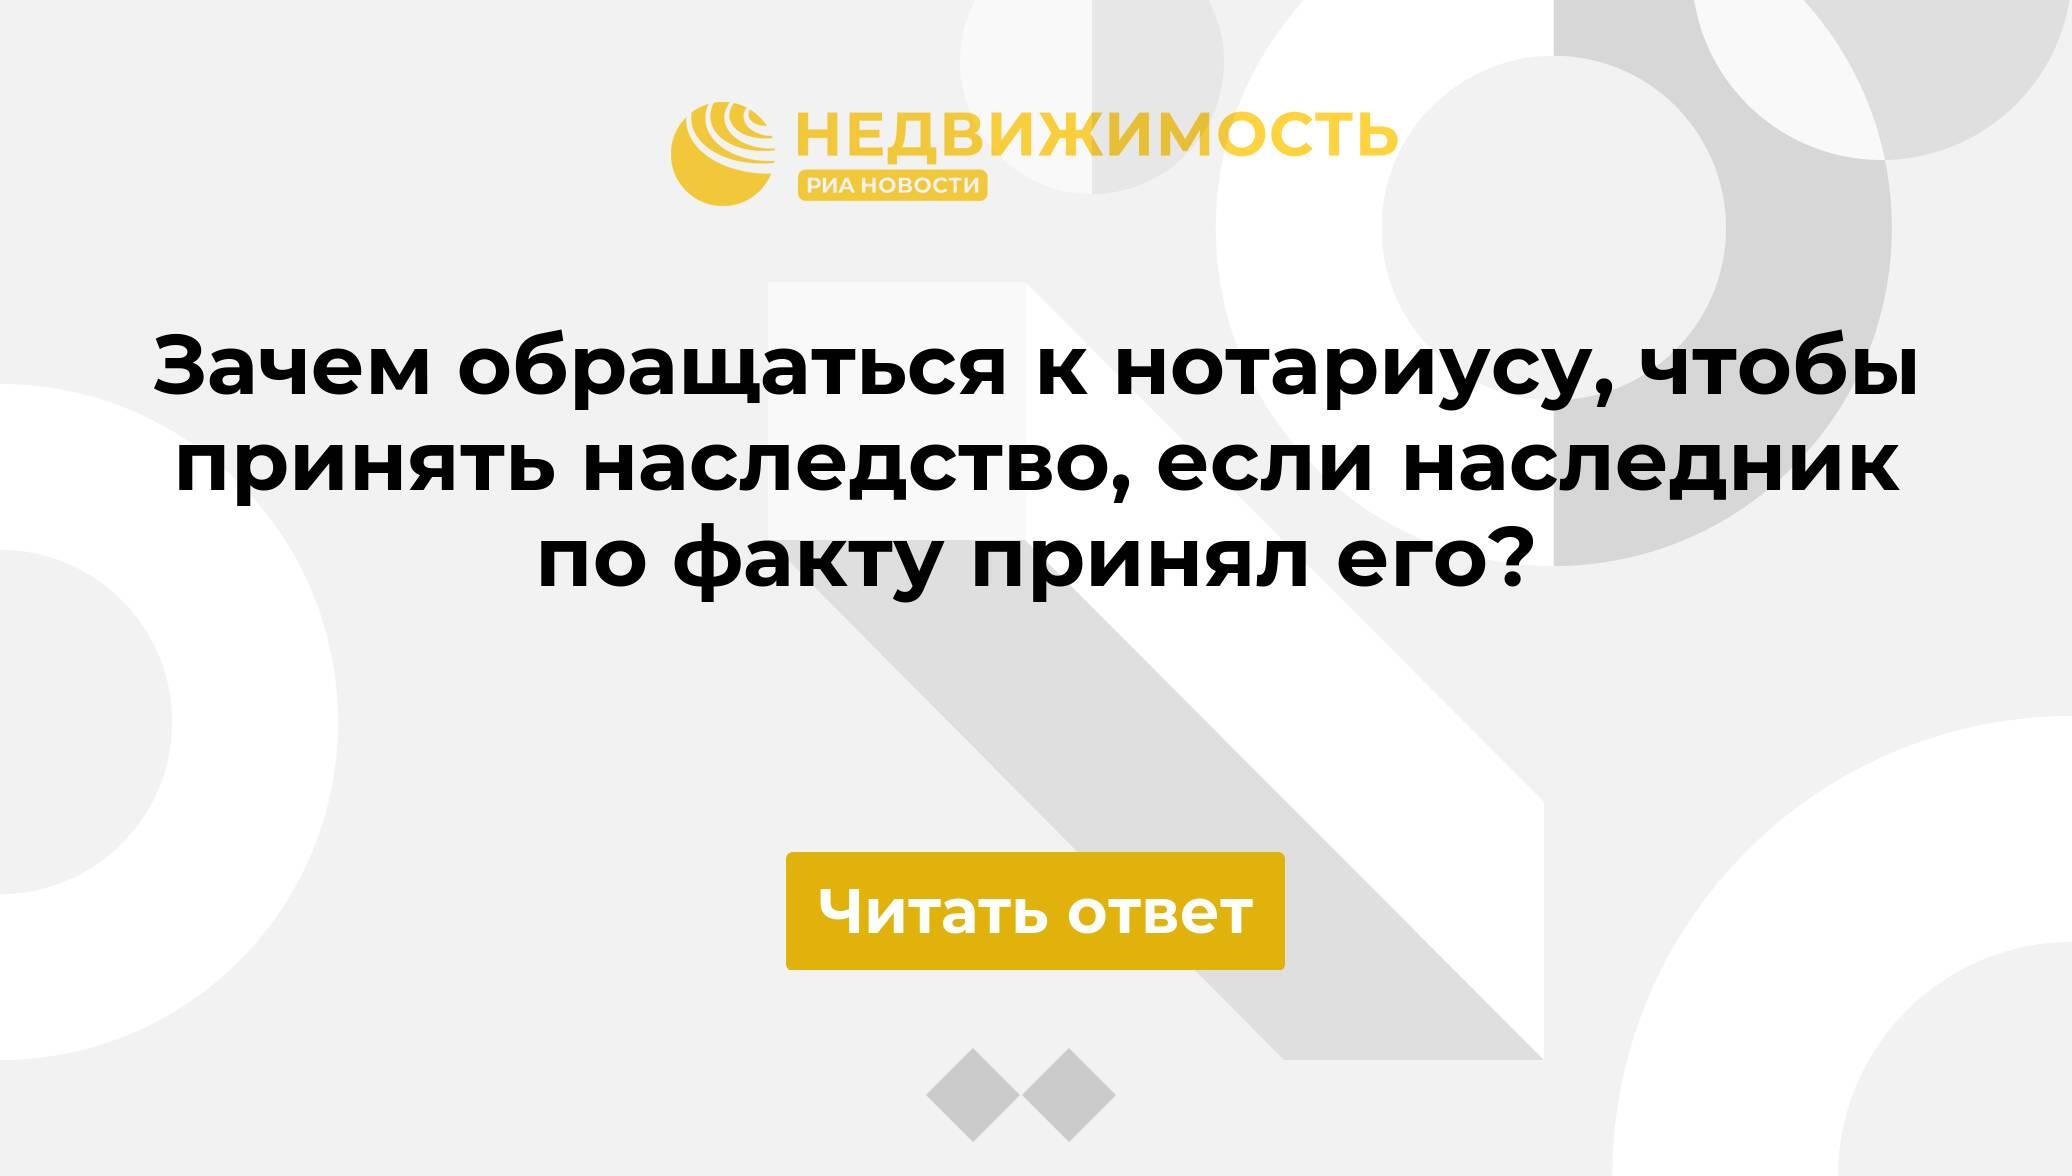 наследственный нотариус notarius moscow